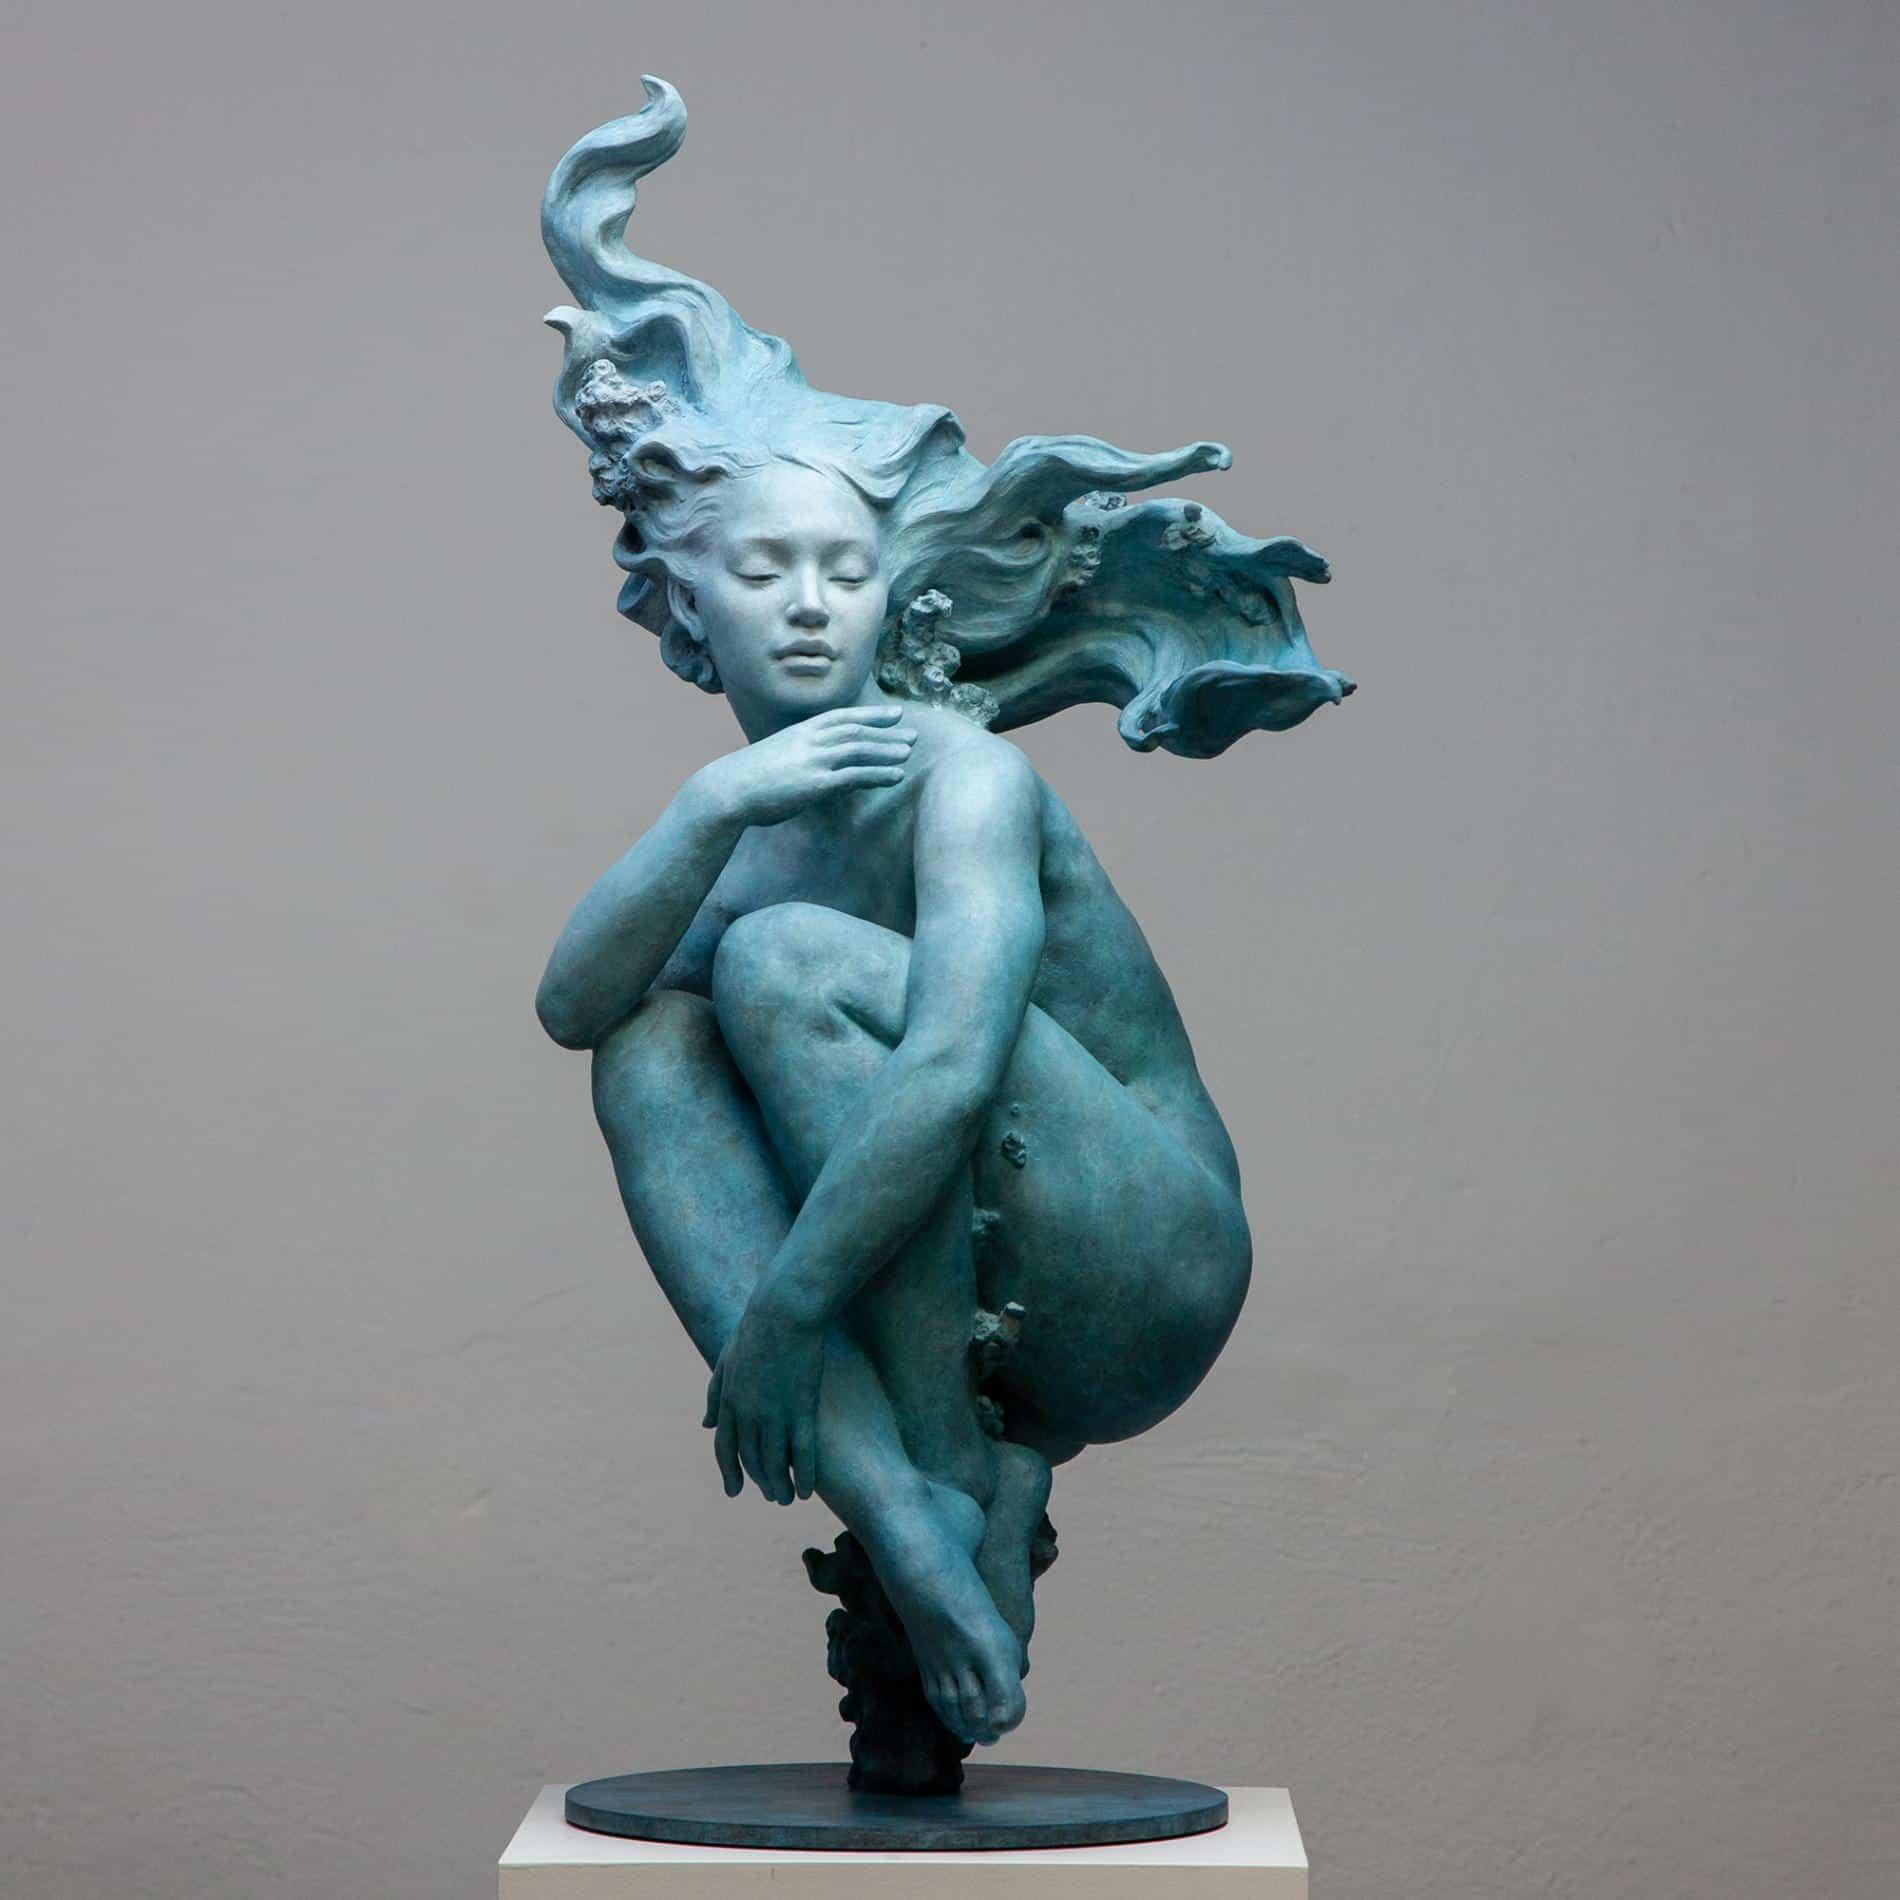 escultura coderechmalavia